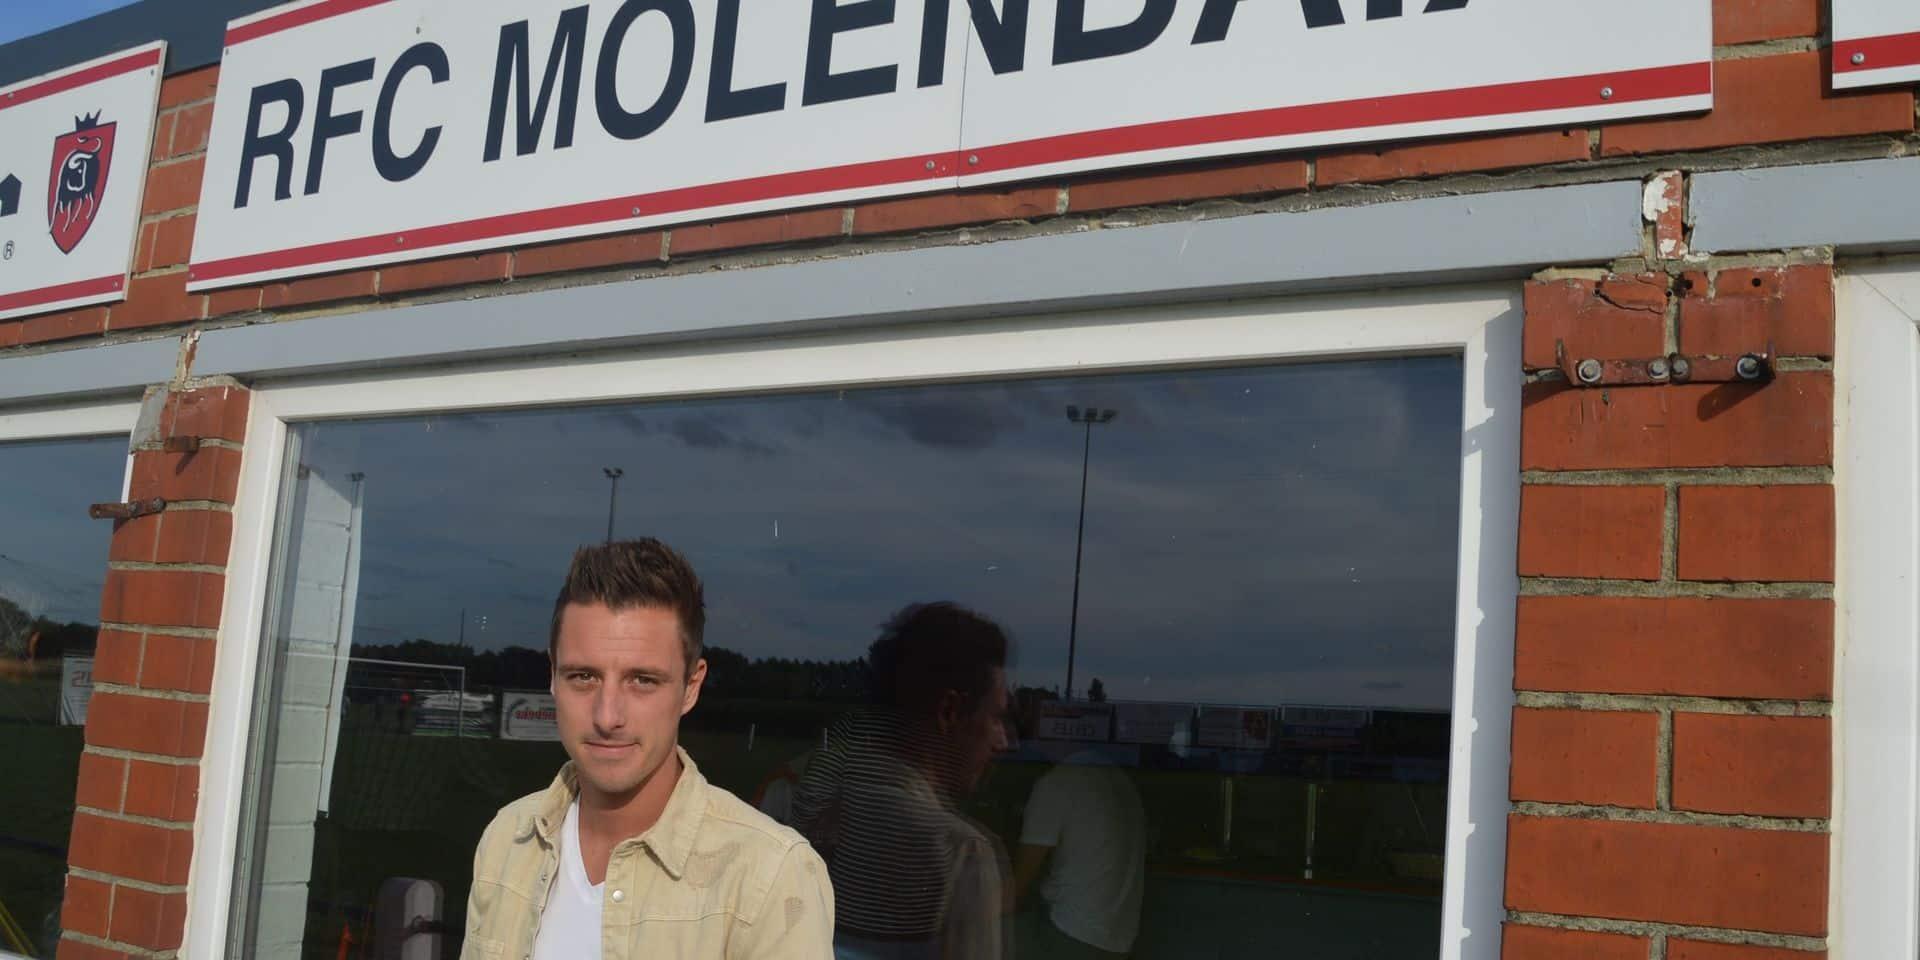 Présenté comme une attraction, Florian Dezitter sera-t-il l'arme fatale de Molenbaix ?